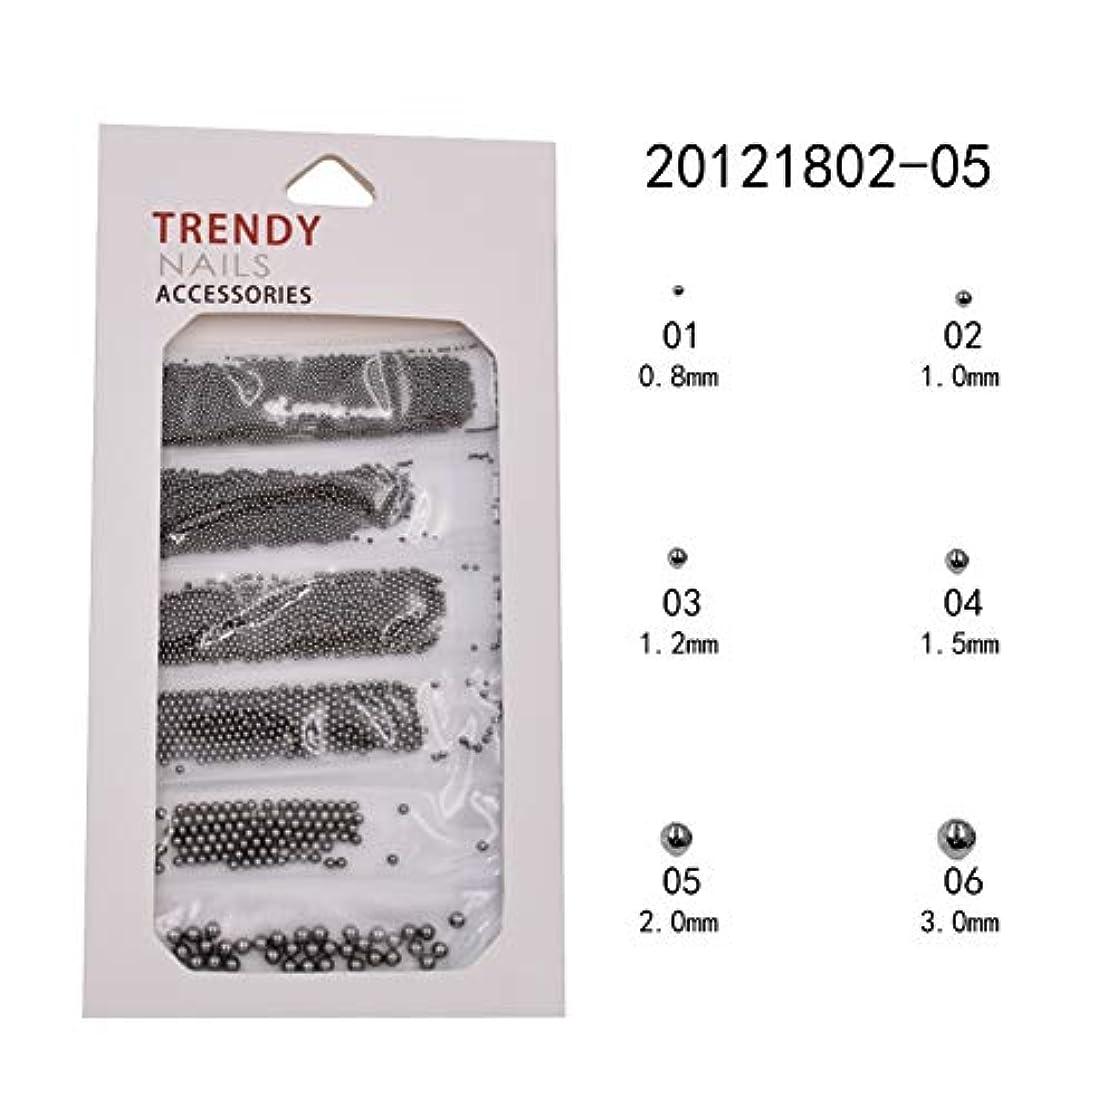 製造到着する存在メーリンドス ネイル3Dデザインアートパーツ ネイルブリオン ゴールド&シルバー&ブラック&バラゴールド&グレー 0.8/1.0/1.2/1.5/2/3mm ネイルパーツデコレーション (04)